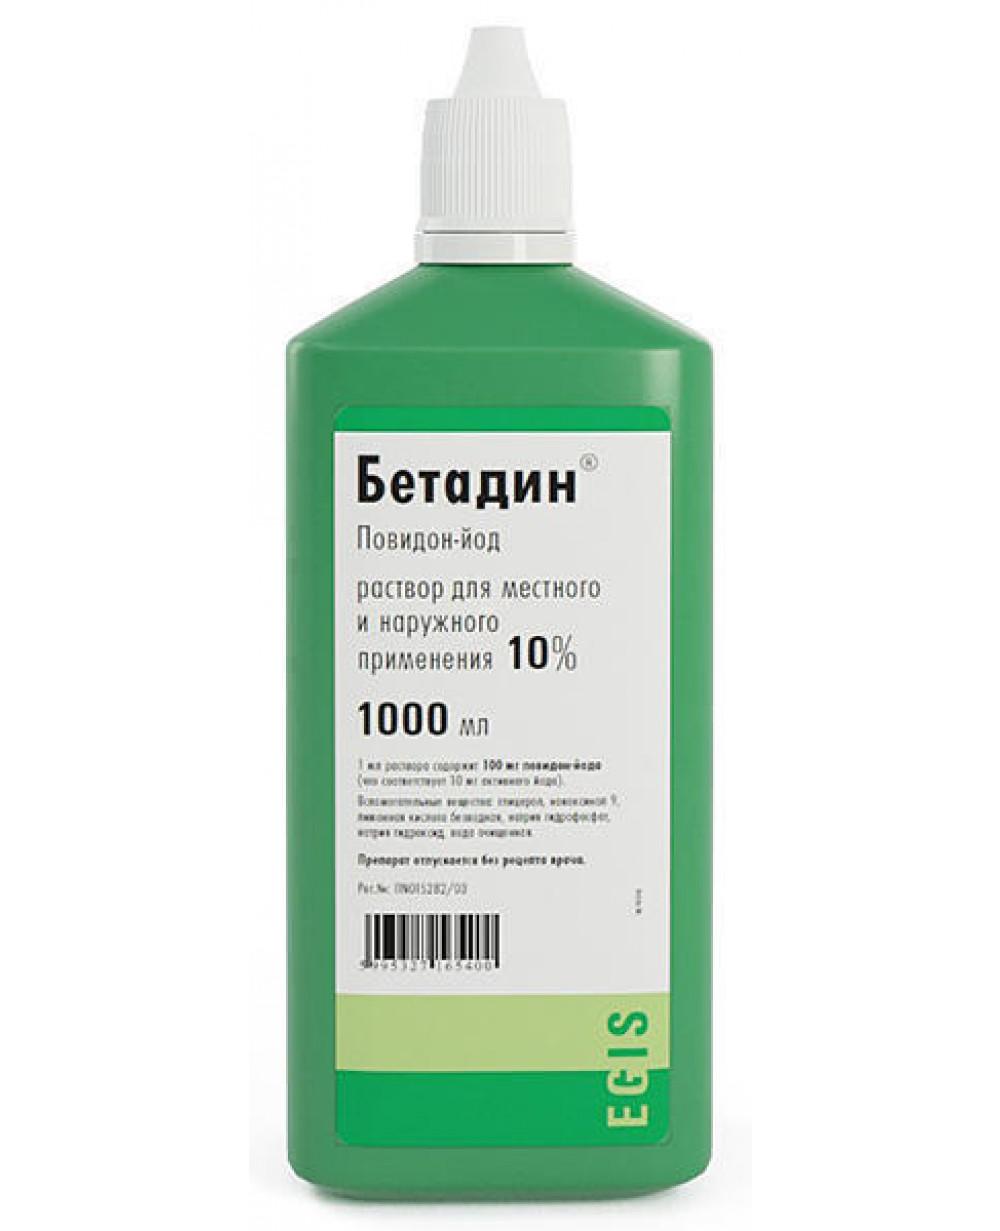 3115 БЕТАДИНЕ® - Povidone-iodine